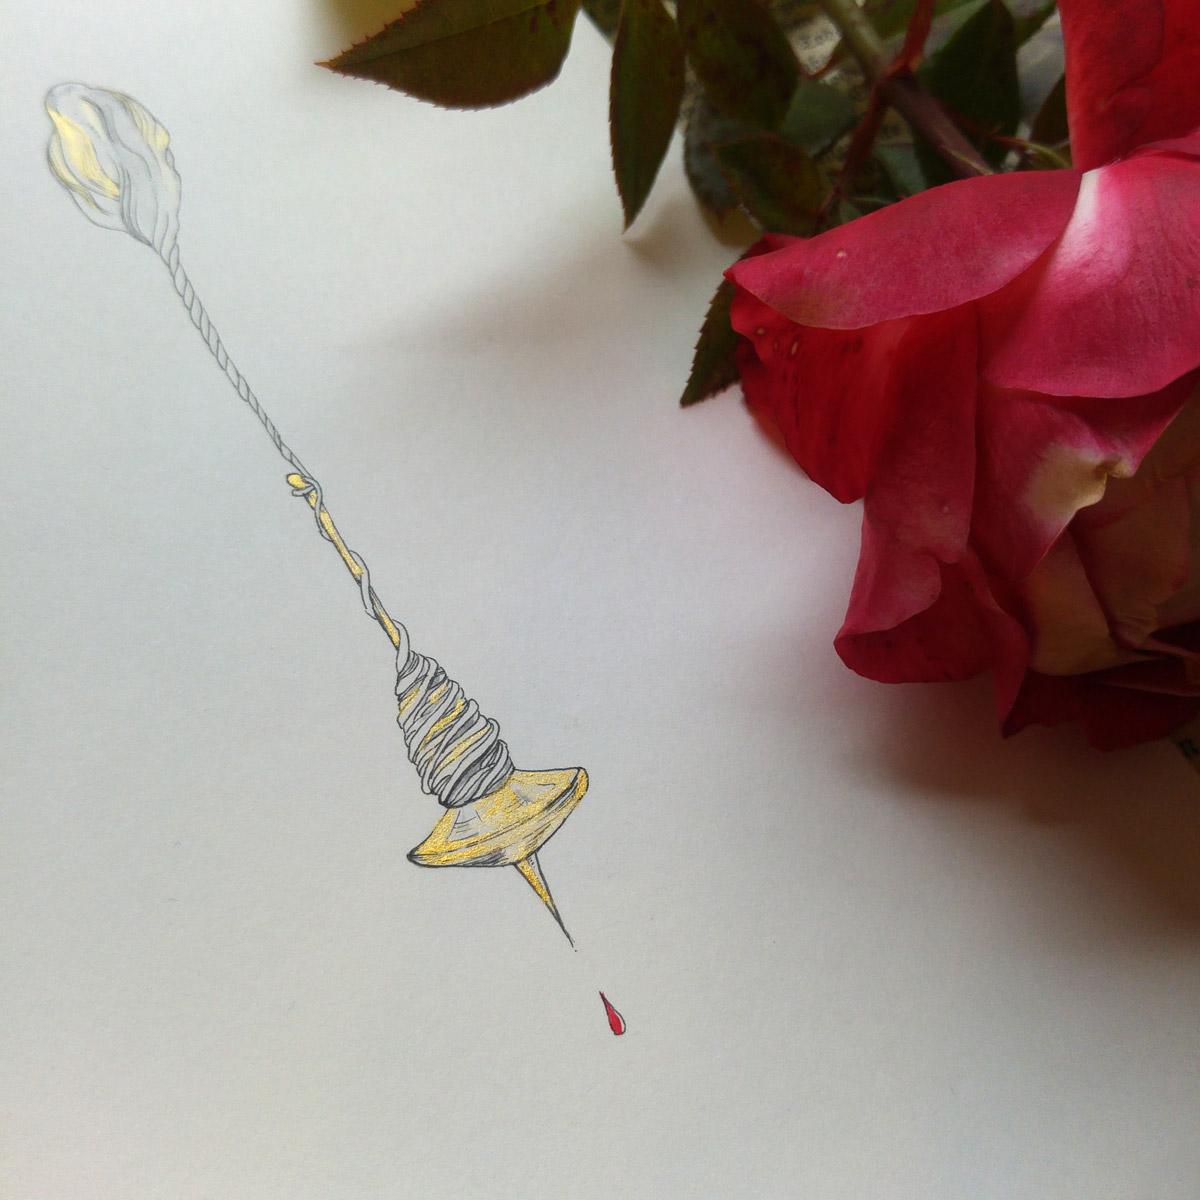 Das Gold schimmert auf der spitzen Spindel an der sich Dornröschen gestochen hat.